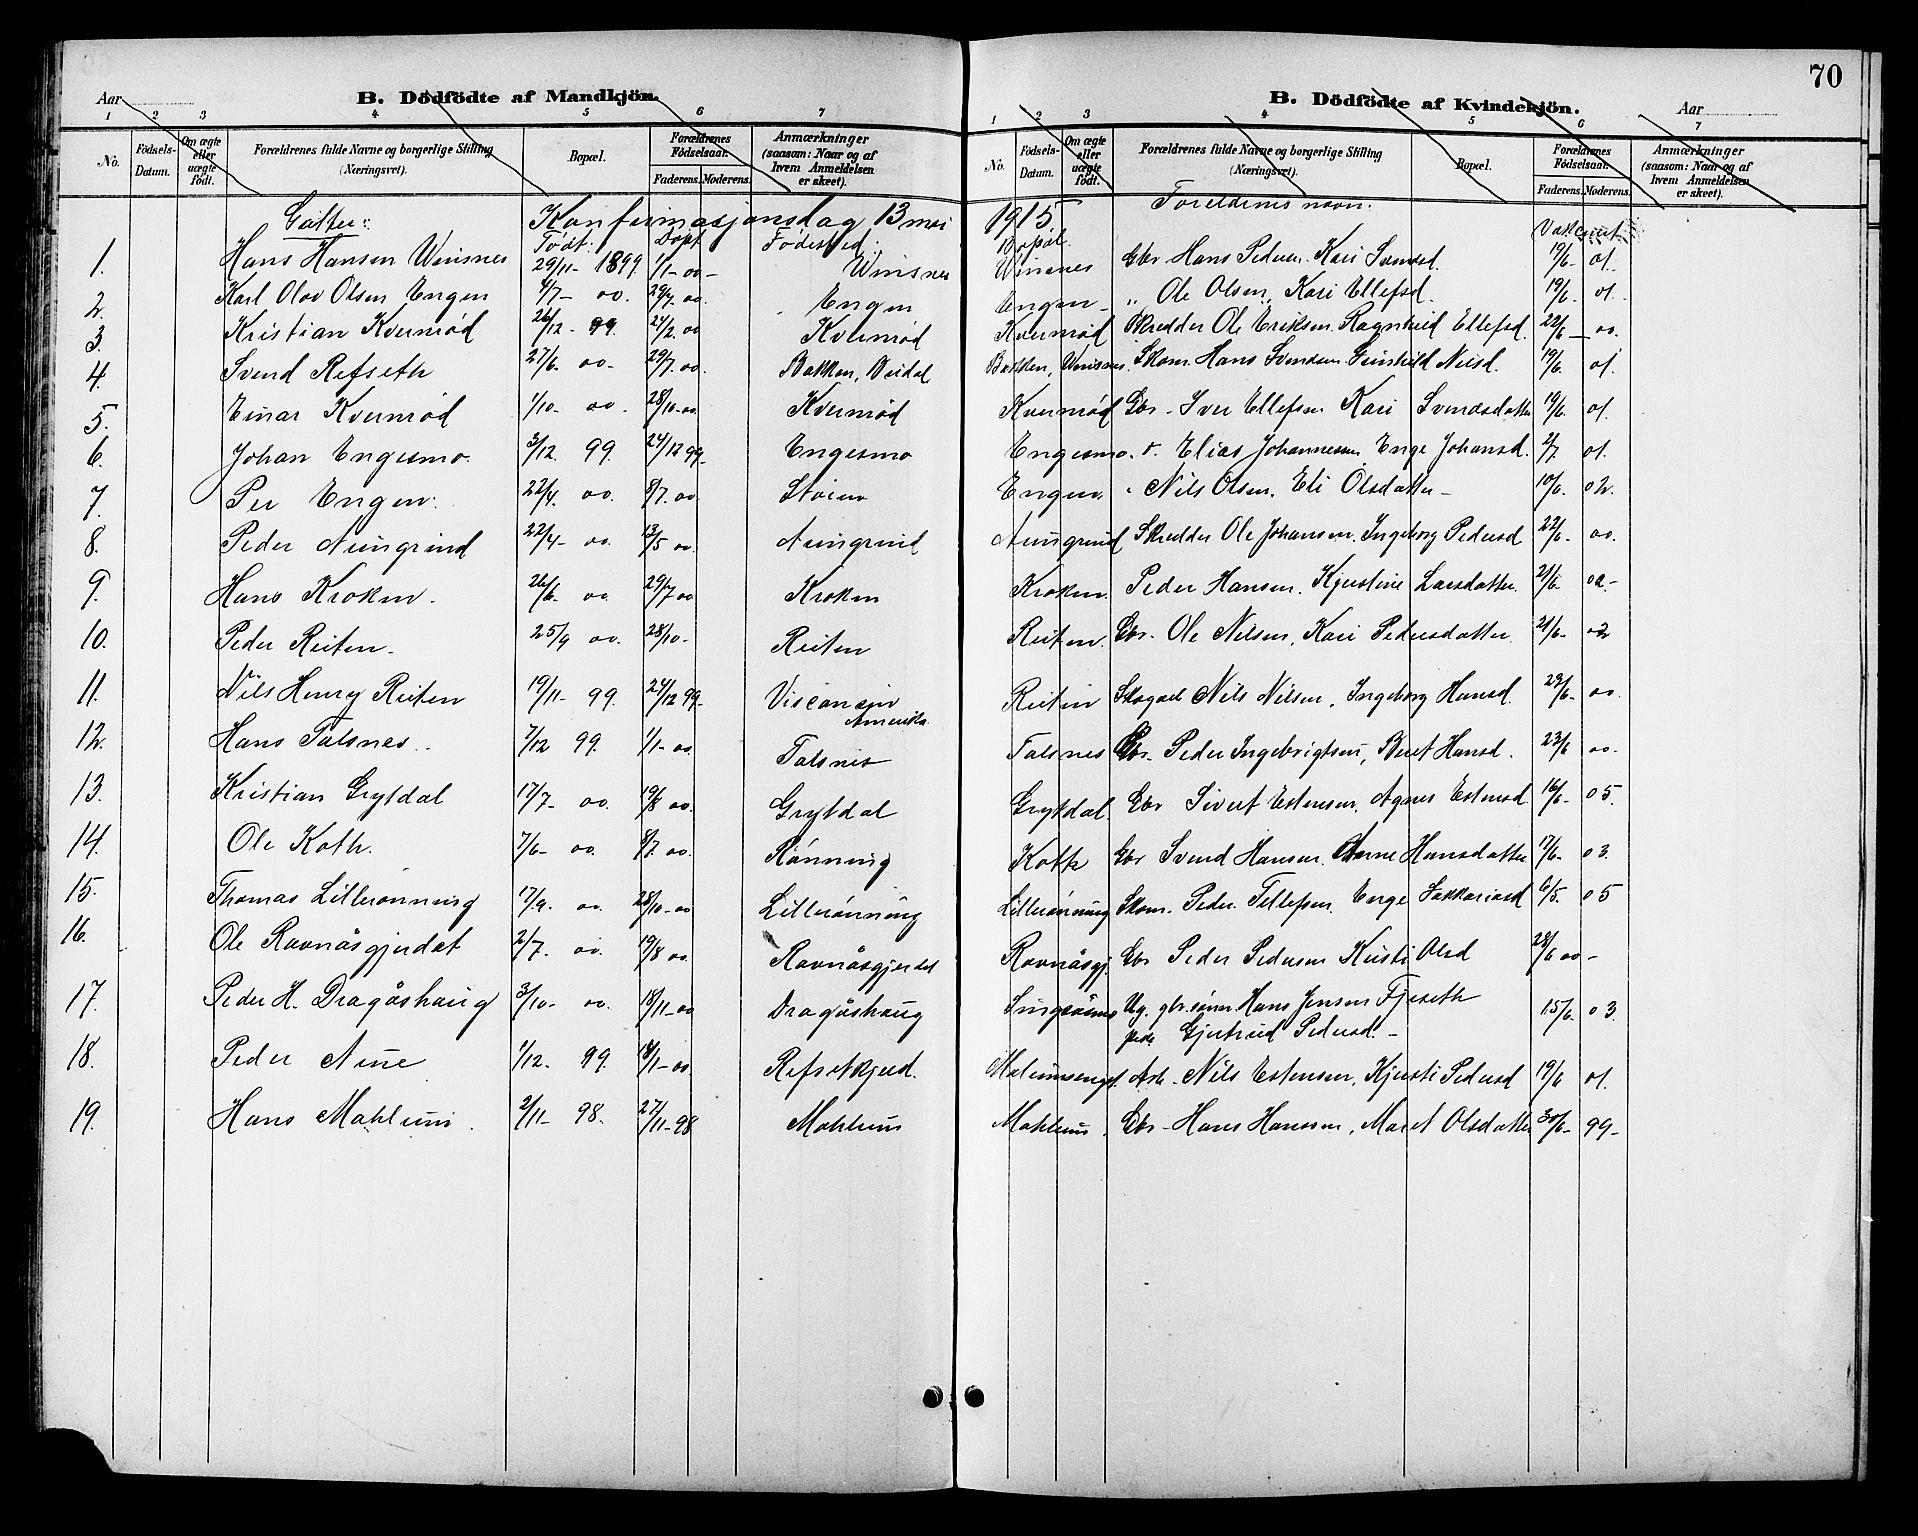 SAT, Ministerialprotokoller, klokkerbøker og fødselsregistre - Sør-Trøndelag, 688/L1029: Klokkerbok nr. 688C04, 1899-1915, s. 70